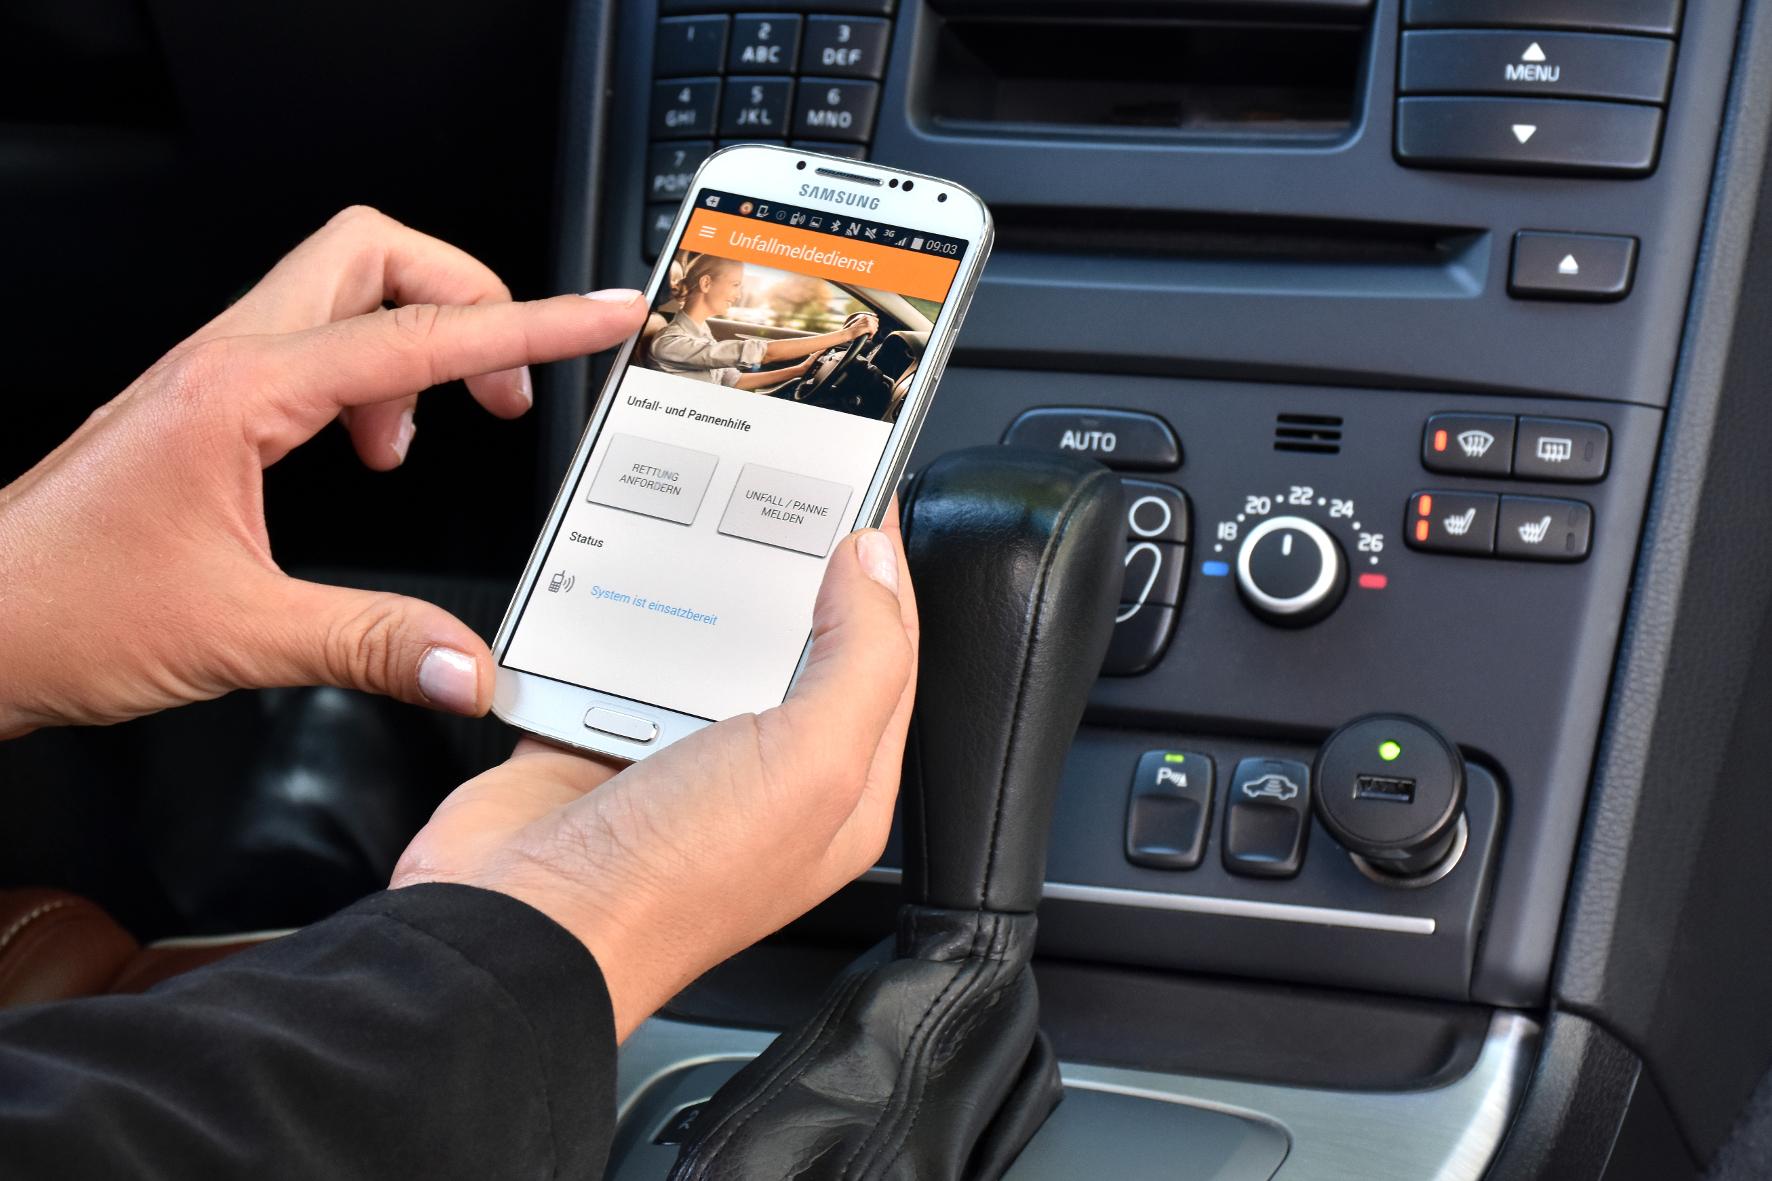 mid Groß-Gerau - Digitaler Hilferuf: Auch Fahrer älterer Autos können bald einen automatischen Unfall-Notruf nutzen.